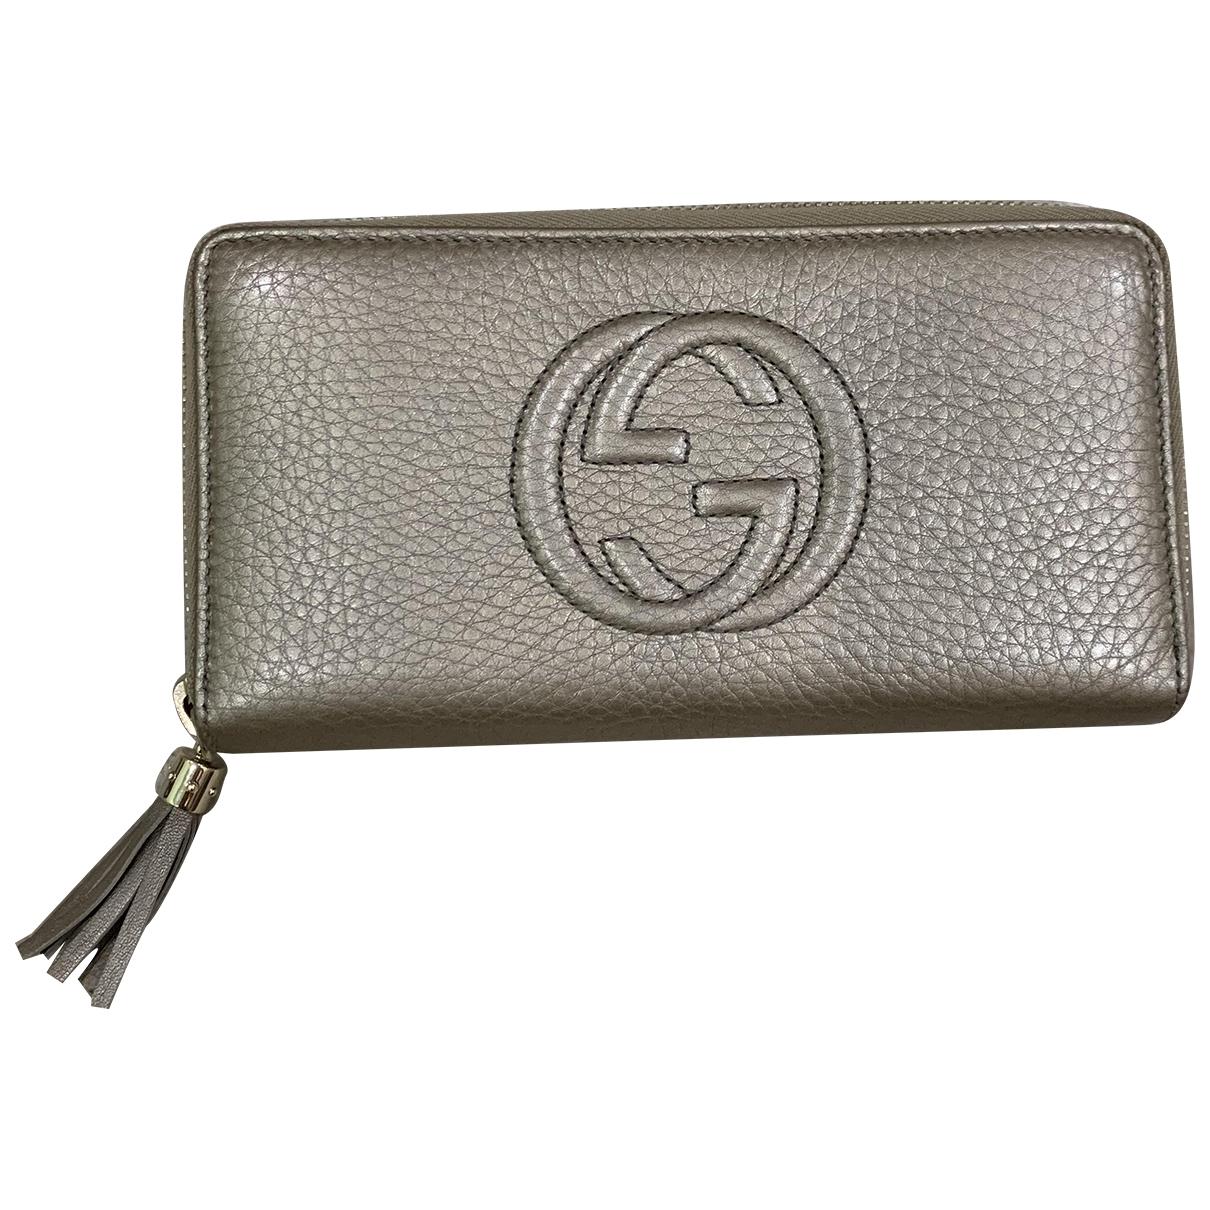 Gucci - Portefeuille Soho pour femme en cuir - metallise